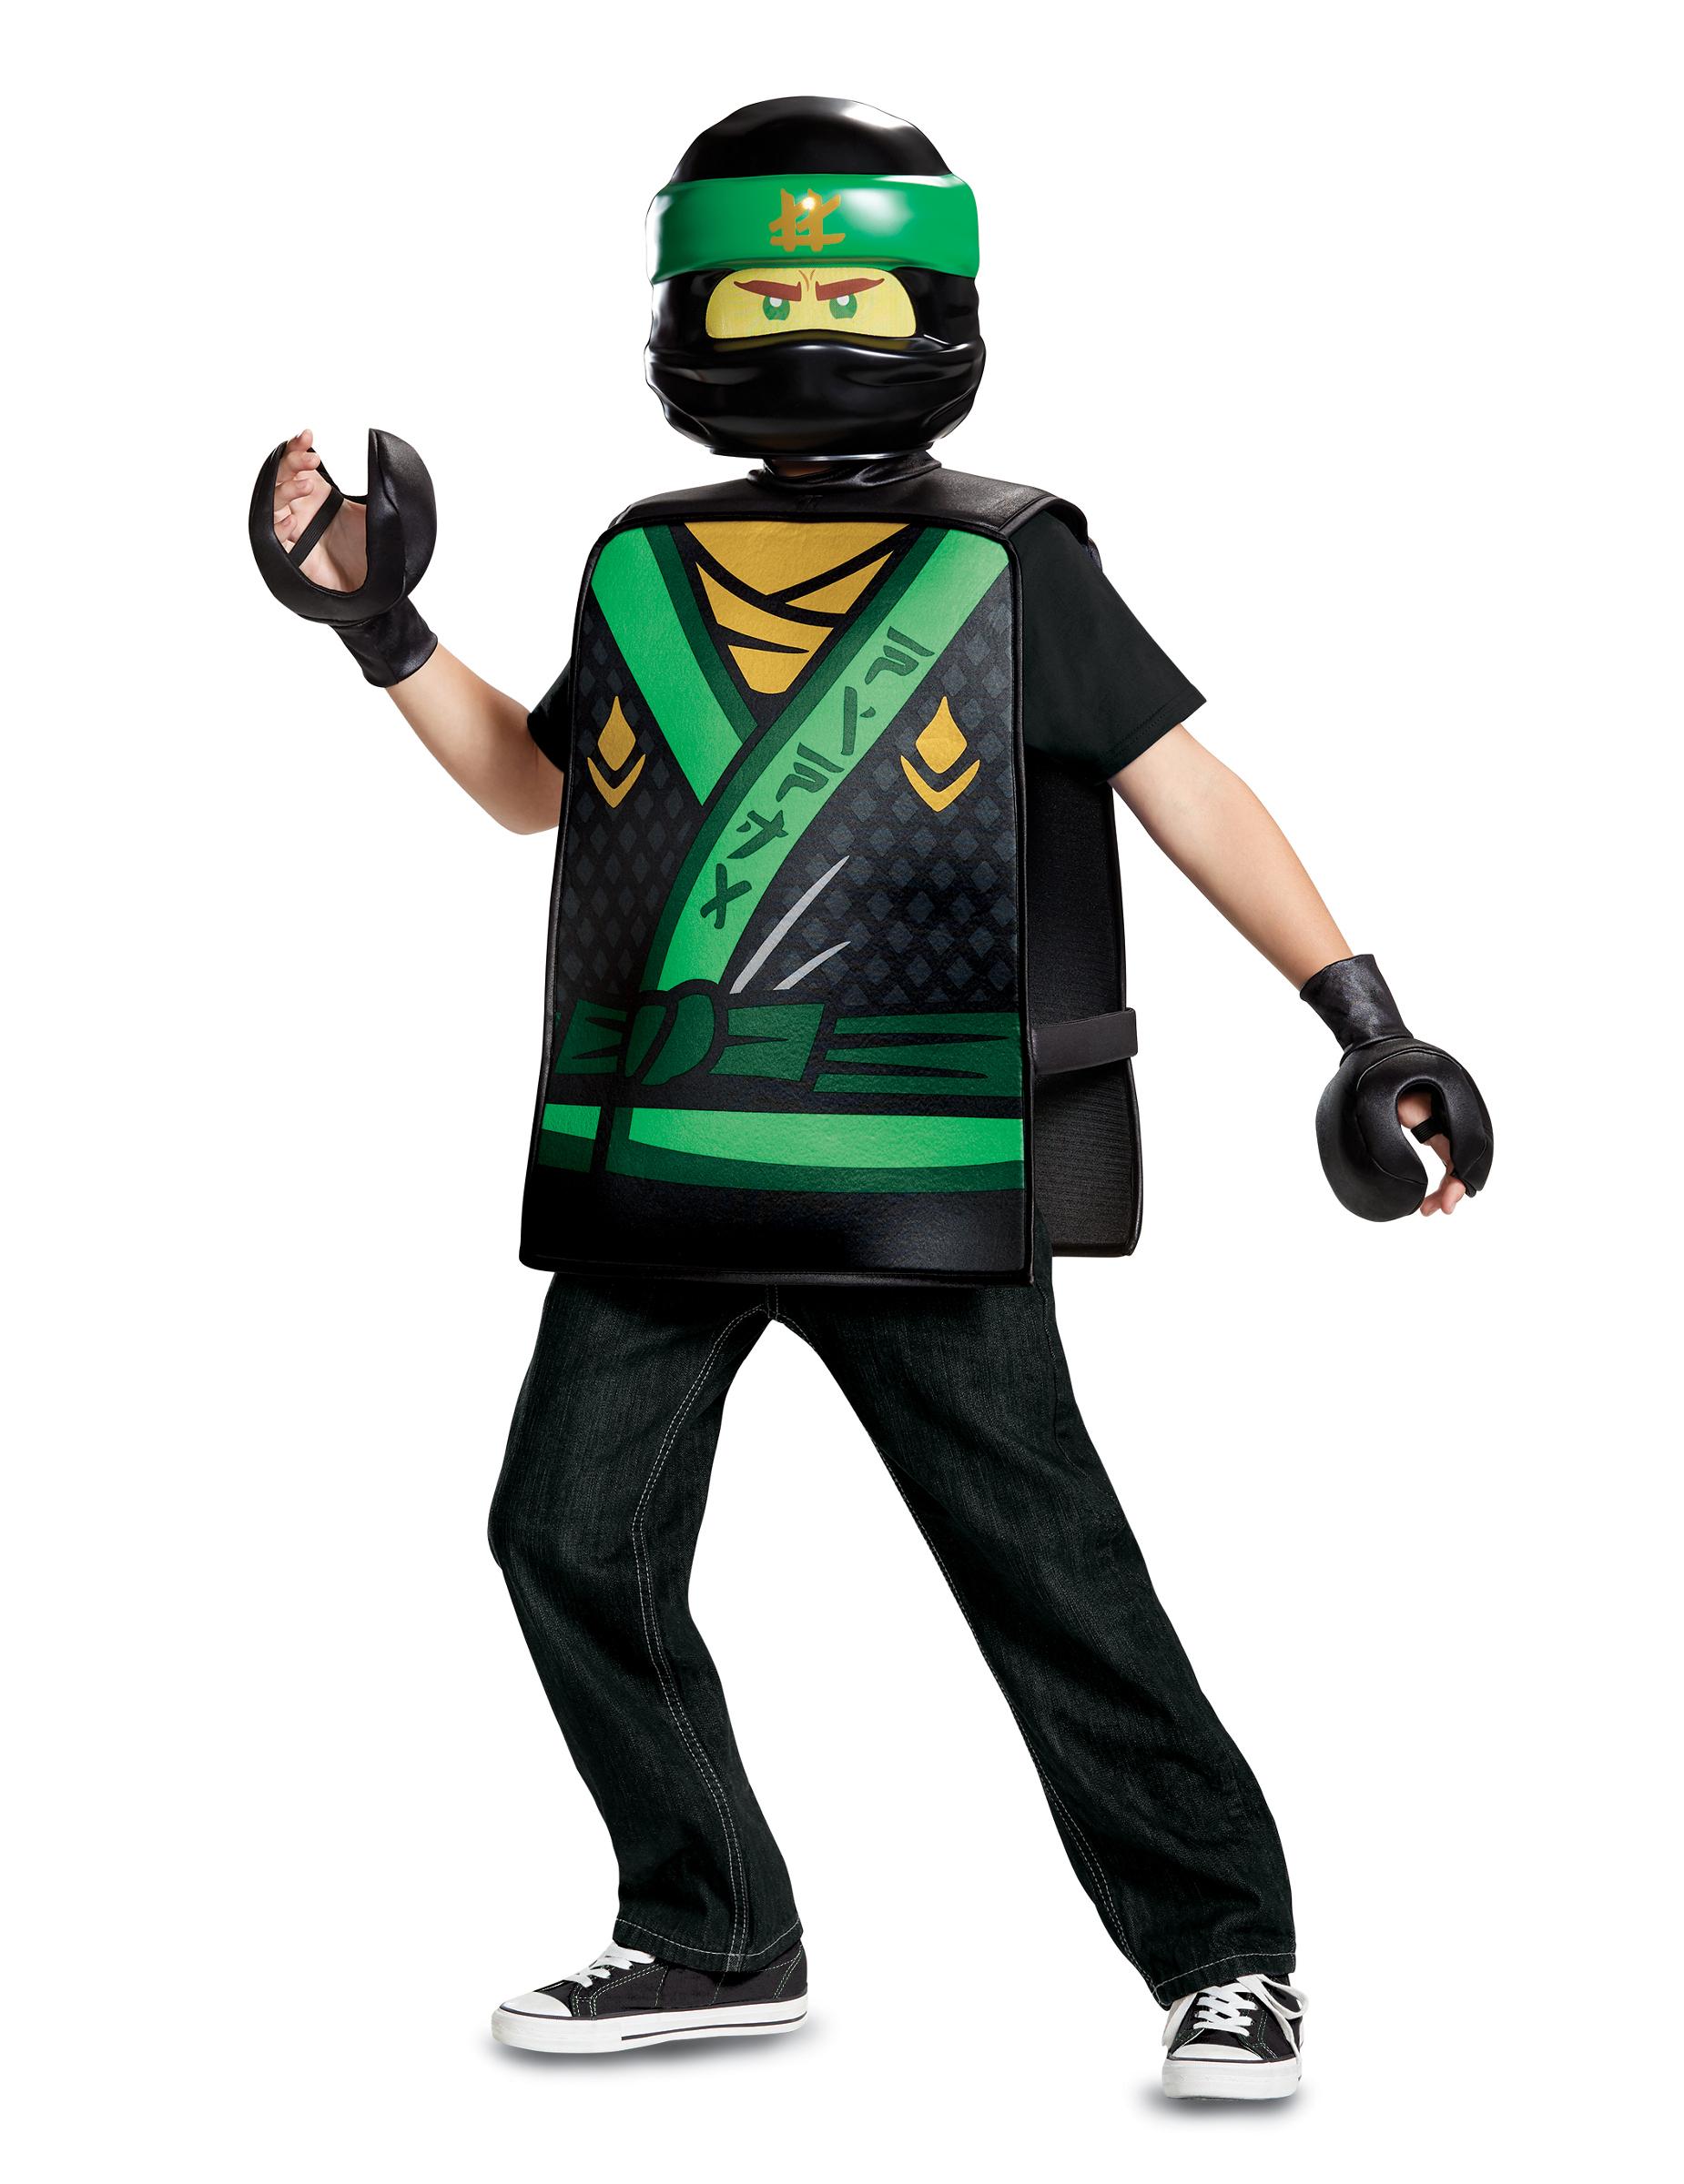 D guisement lloyd ninjago lego vert enfant deguise toi achat de d guisements enfants - Ninja vert lego ...